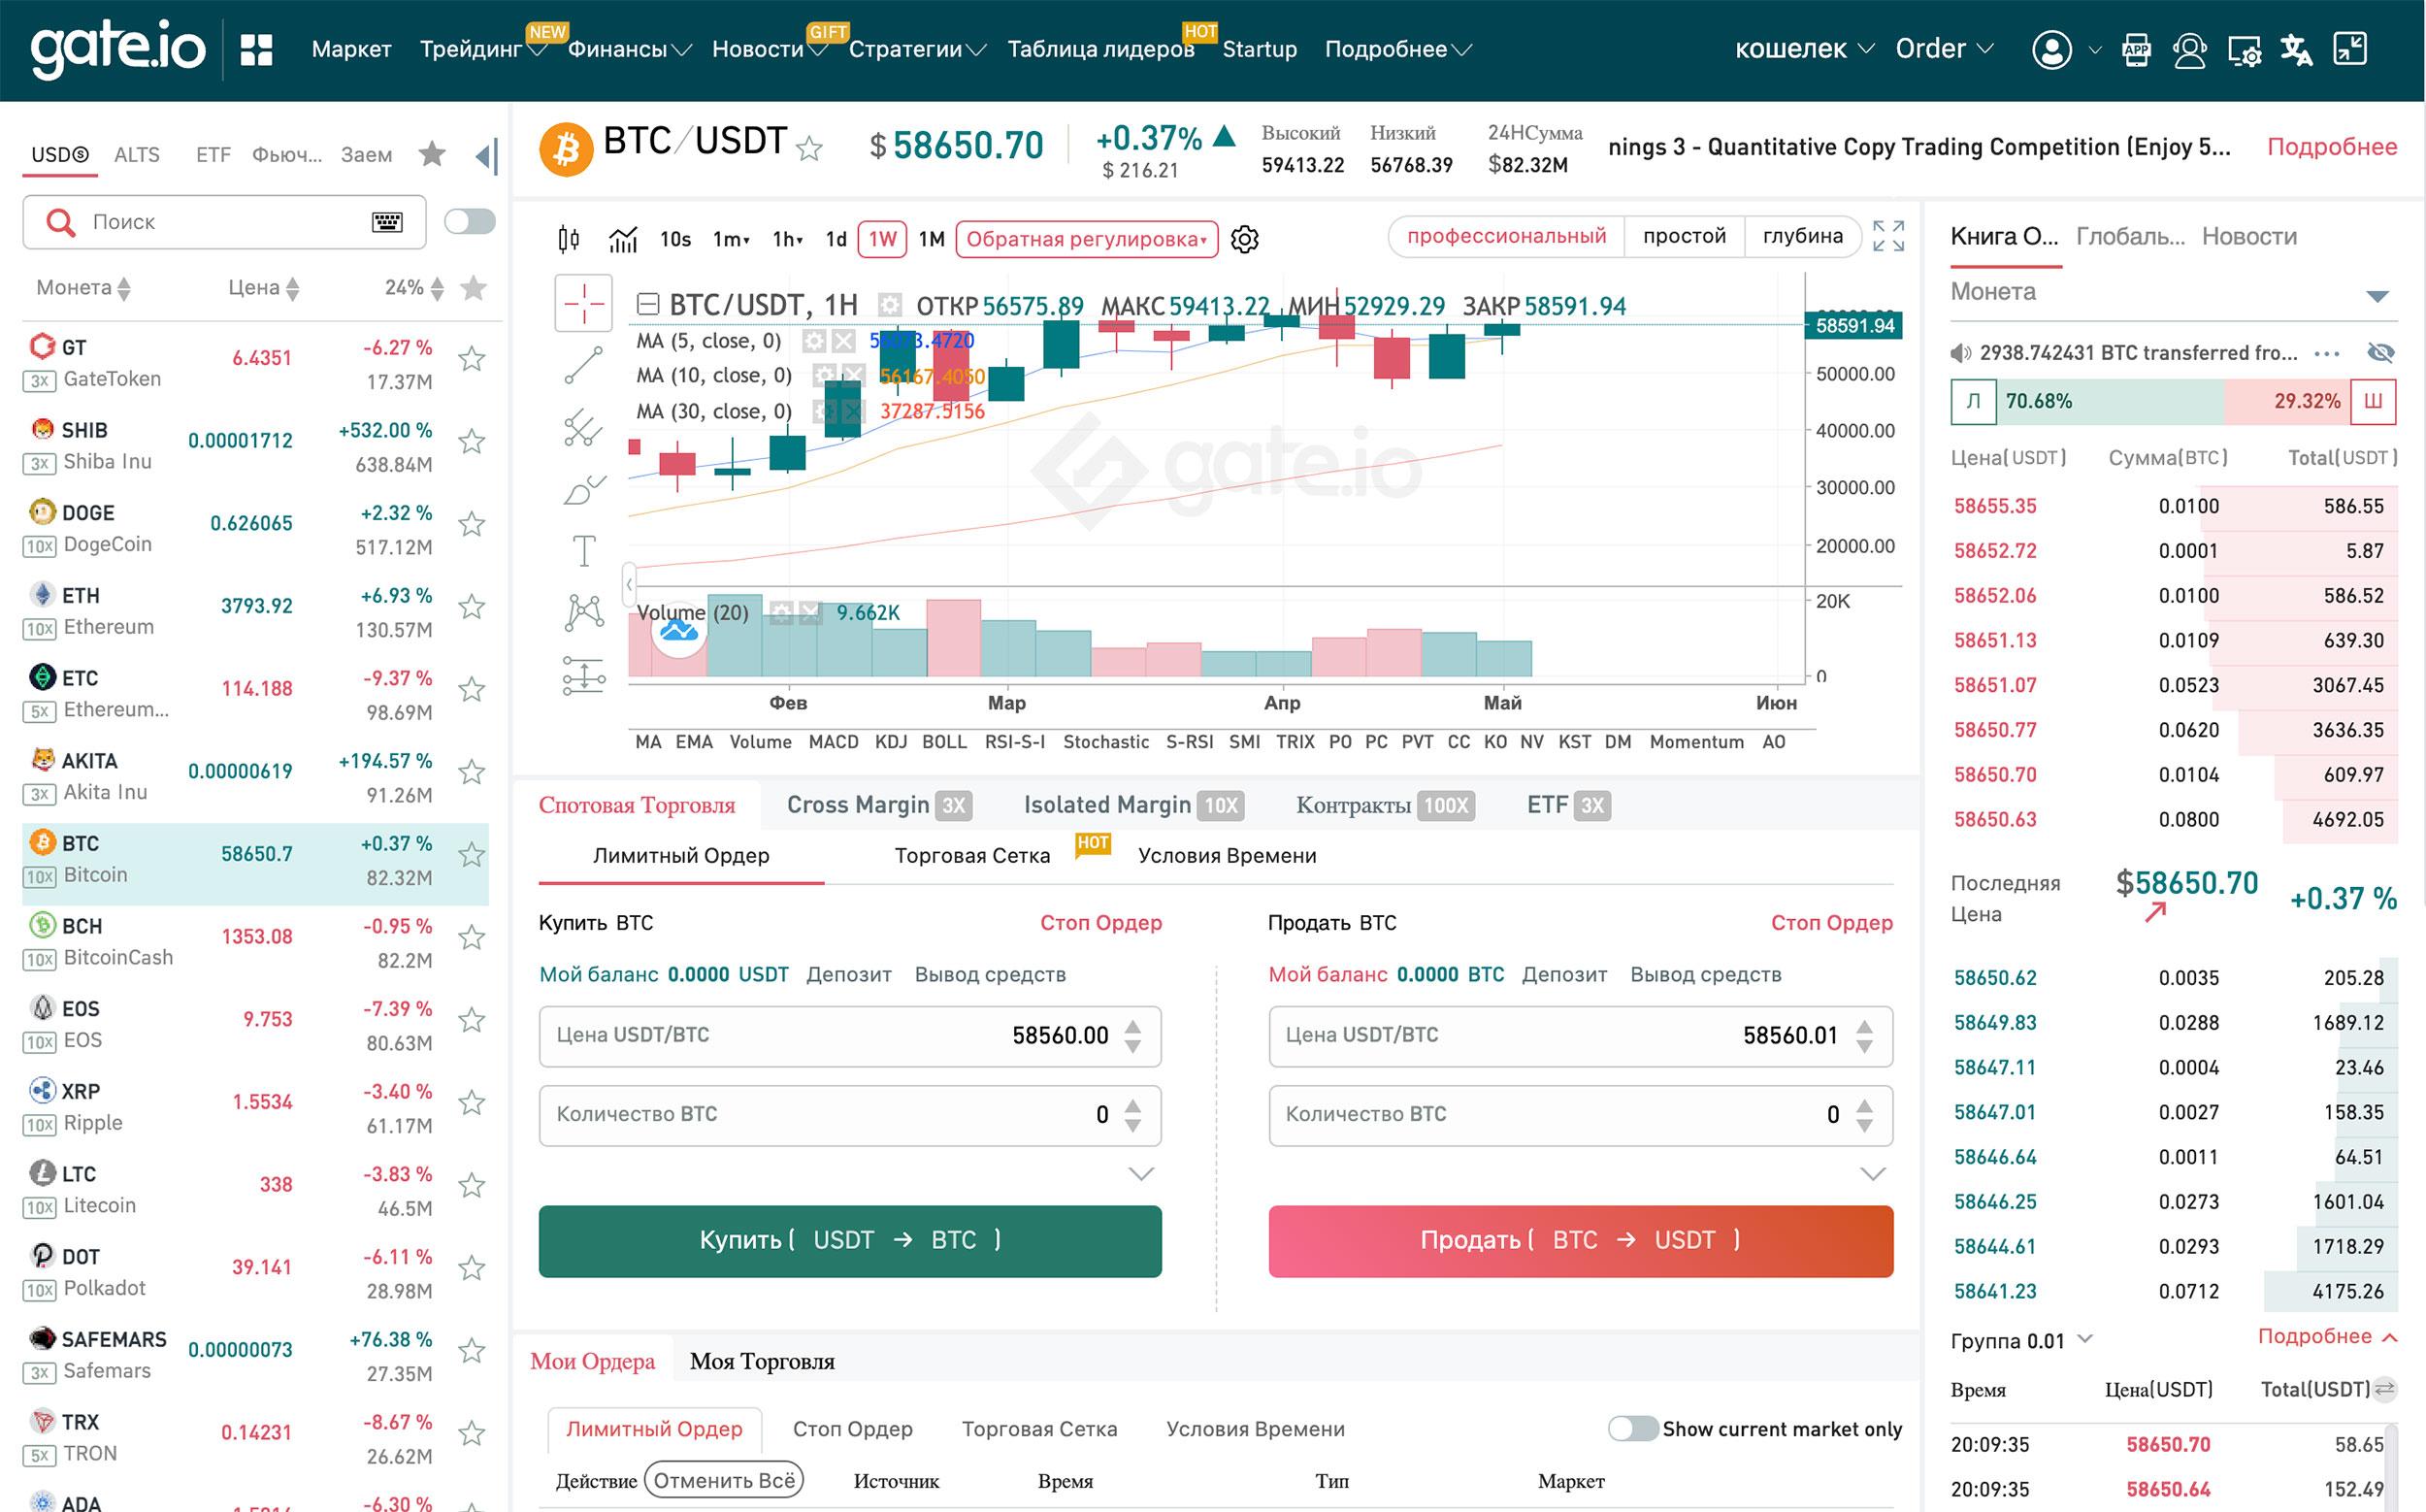 gateio криптовалютная биржа